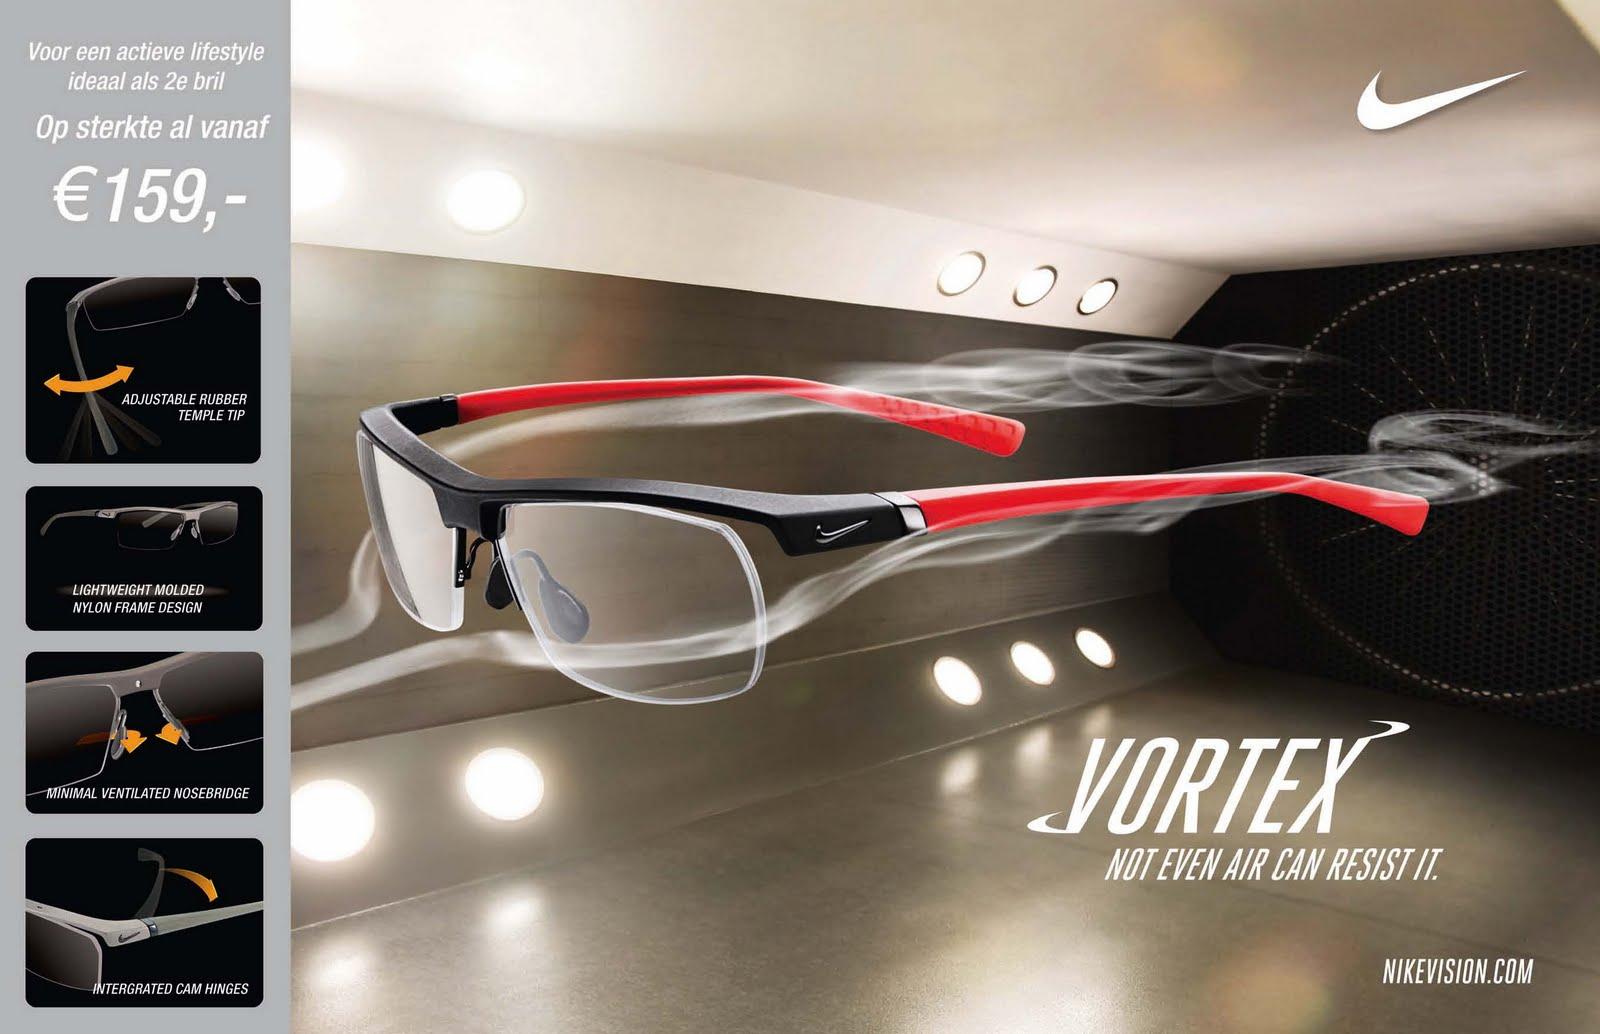 De actieve bril van Nike is in acht verschillende modellen beschikbaar en  vanaf €159,- inclusief glazen op sterkte verkrijgbaar. 916fa22285b4